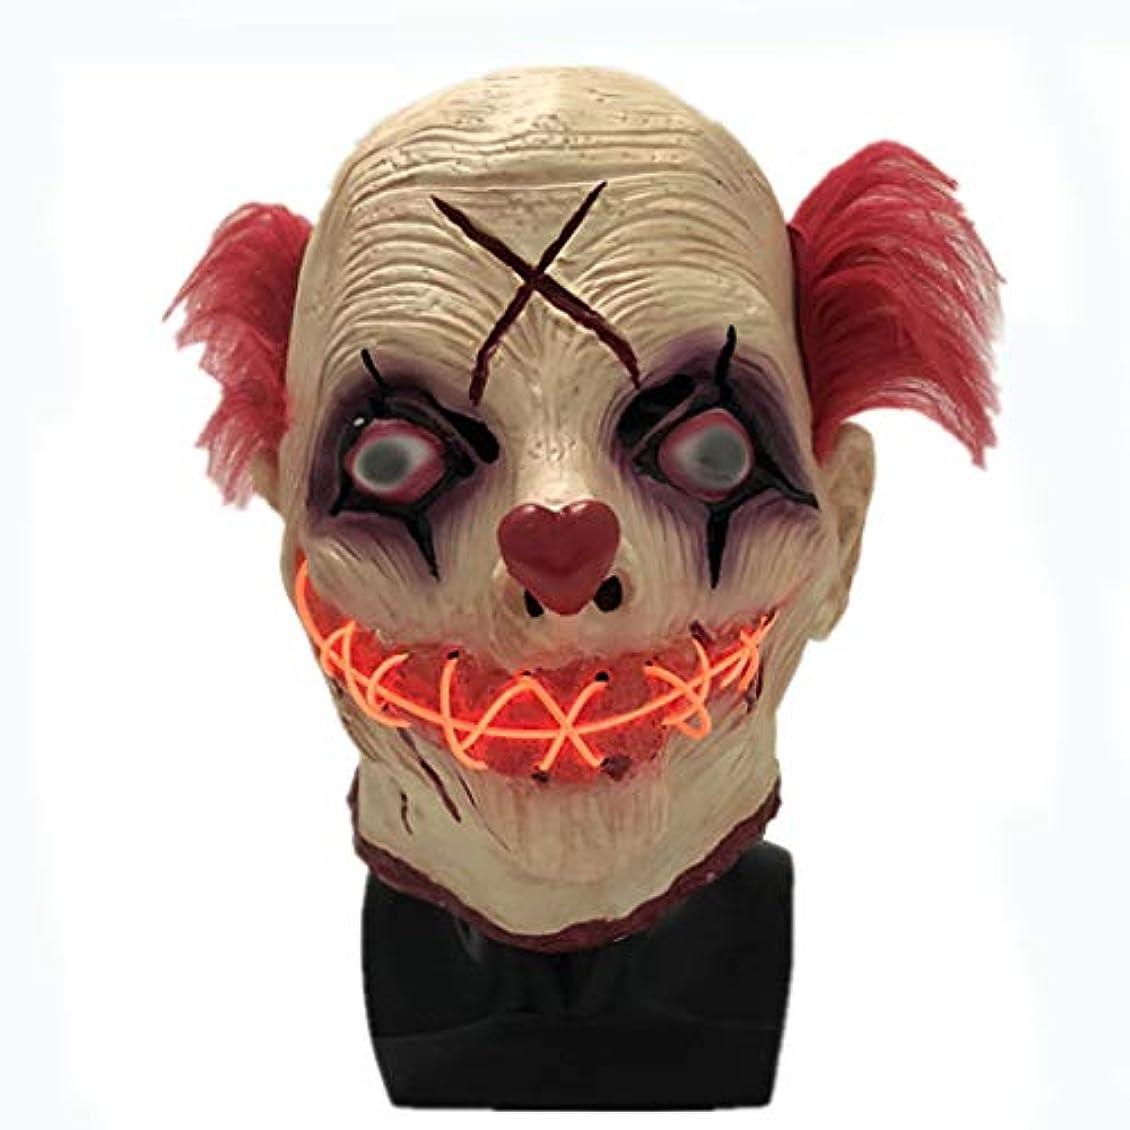 常習者聖職者物語ハロウィンマスクLEDライトアップマスクグローイングマスク、コスプレハロウィン